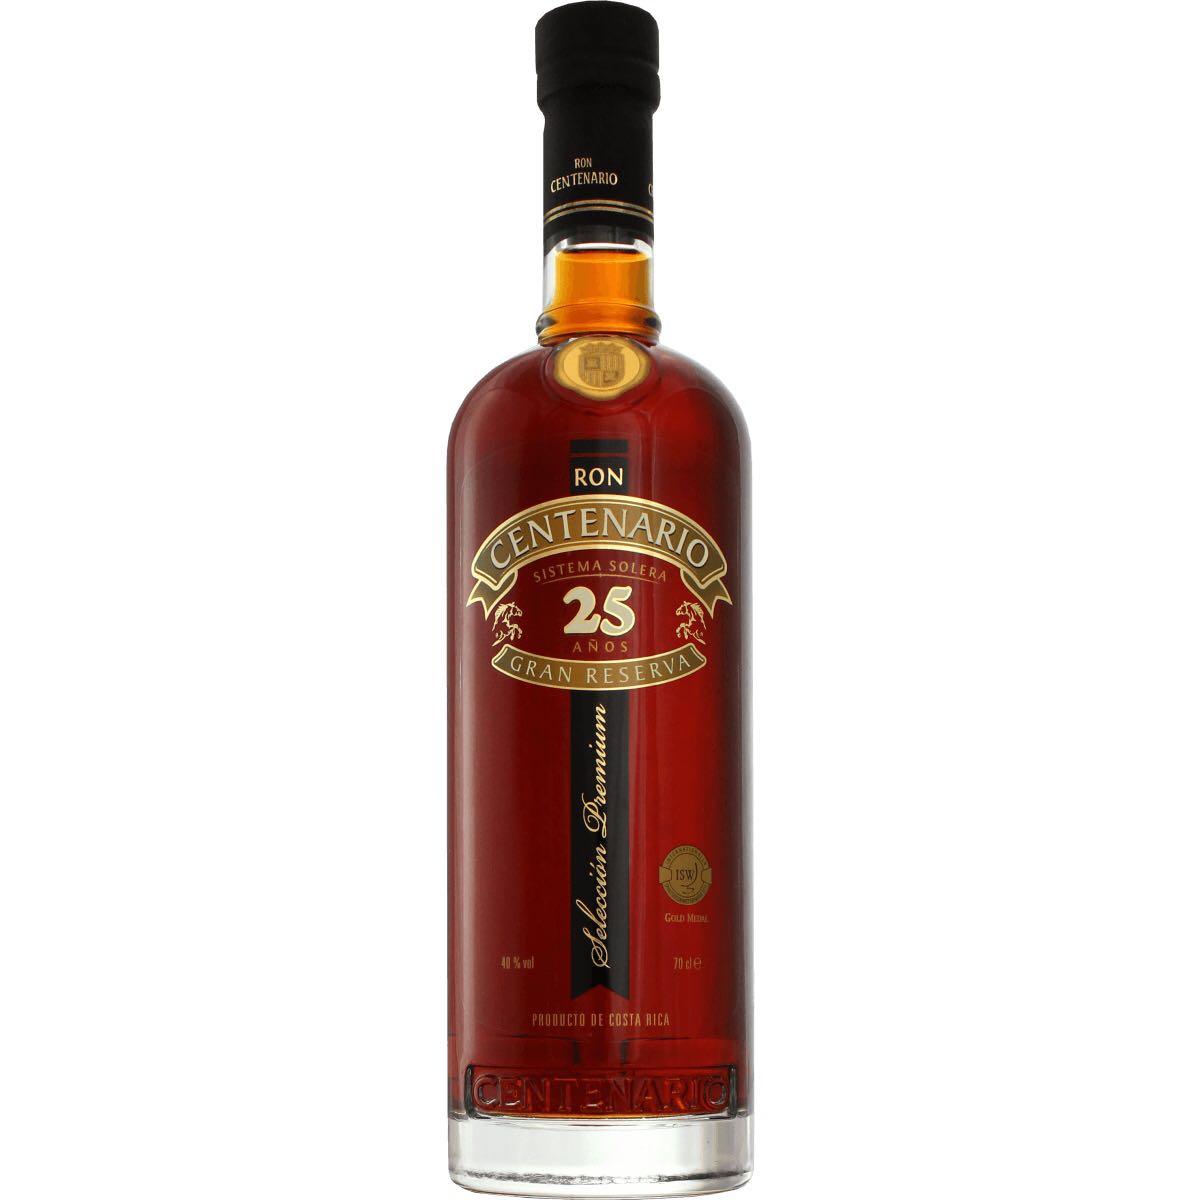 Bottle image of Centenario Fundación 25 Años Gran Reserva